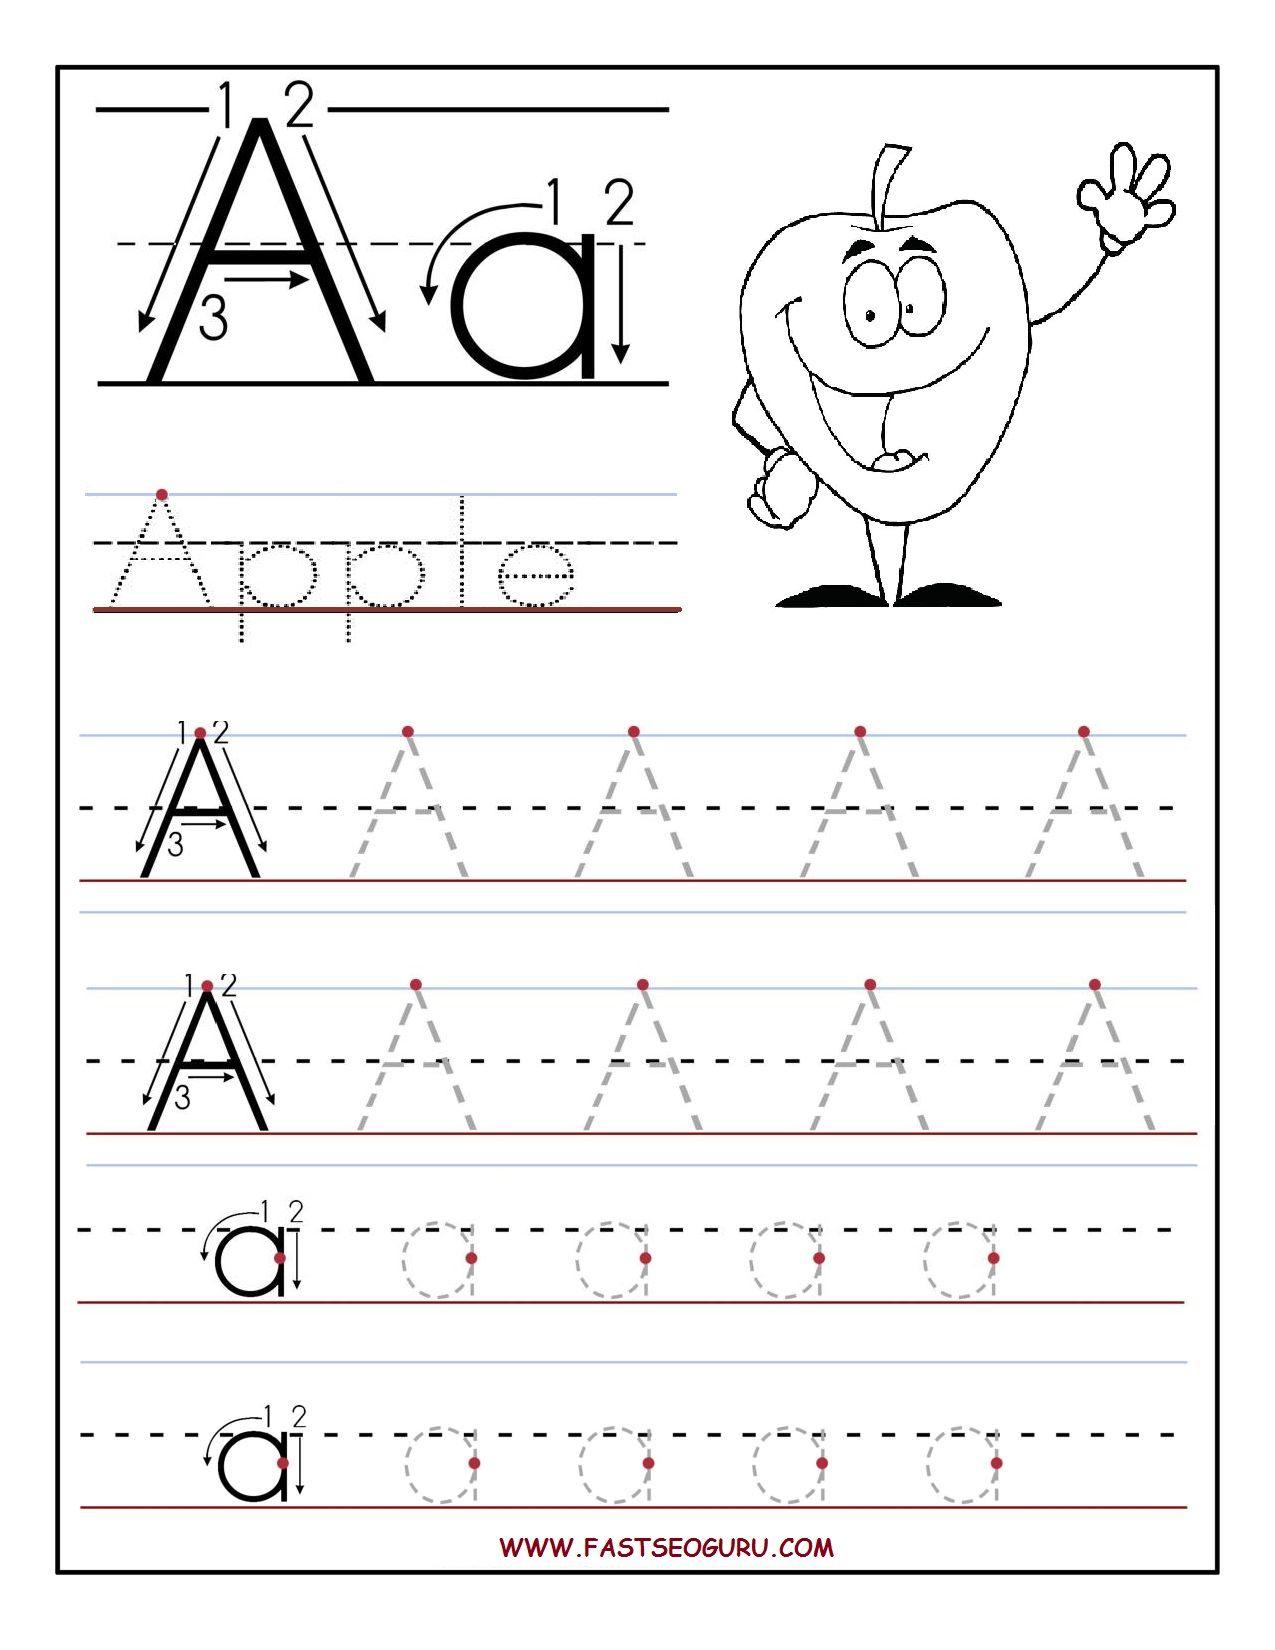 B>Free</b> <B>Printable</b> Letter A Tracing <B>Worksheets</b - Free Printable Letter Tracing Sheets